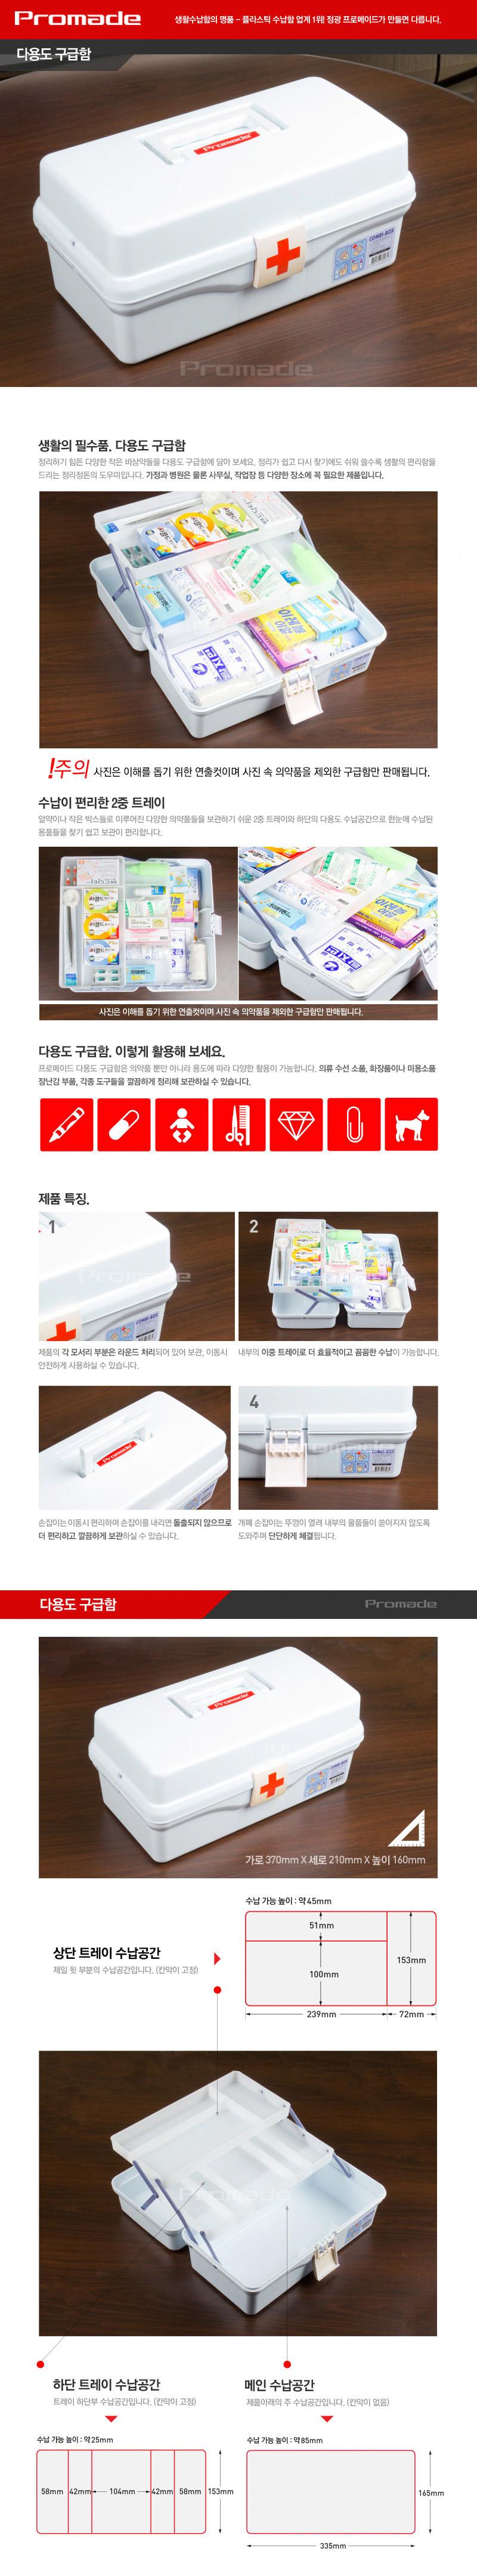 Promade 다용도 구급함 - 프로메이드, 14,900원, 정리/리빙박스, 플라스틱 리빙박스